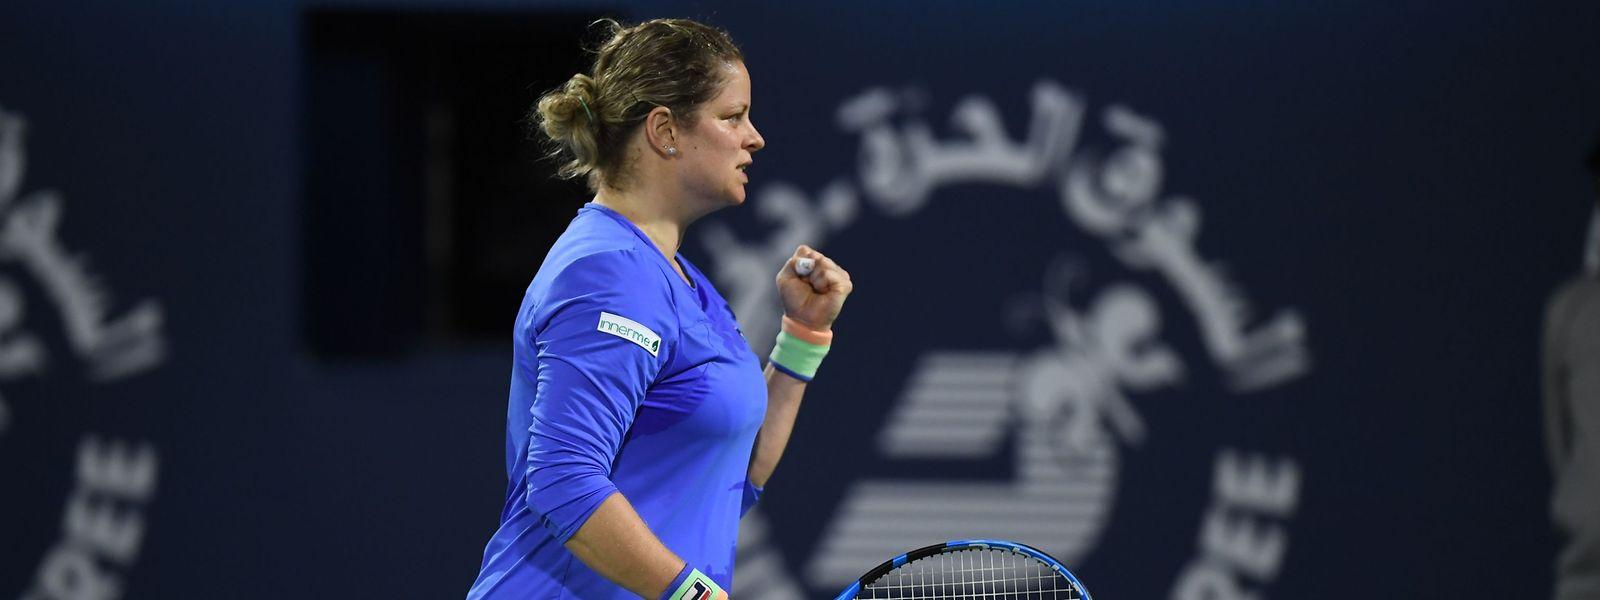 Kim Clijsters macht einige starke Punkte, doch die fehlende Matchpraxis macht sich bemerkbar.